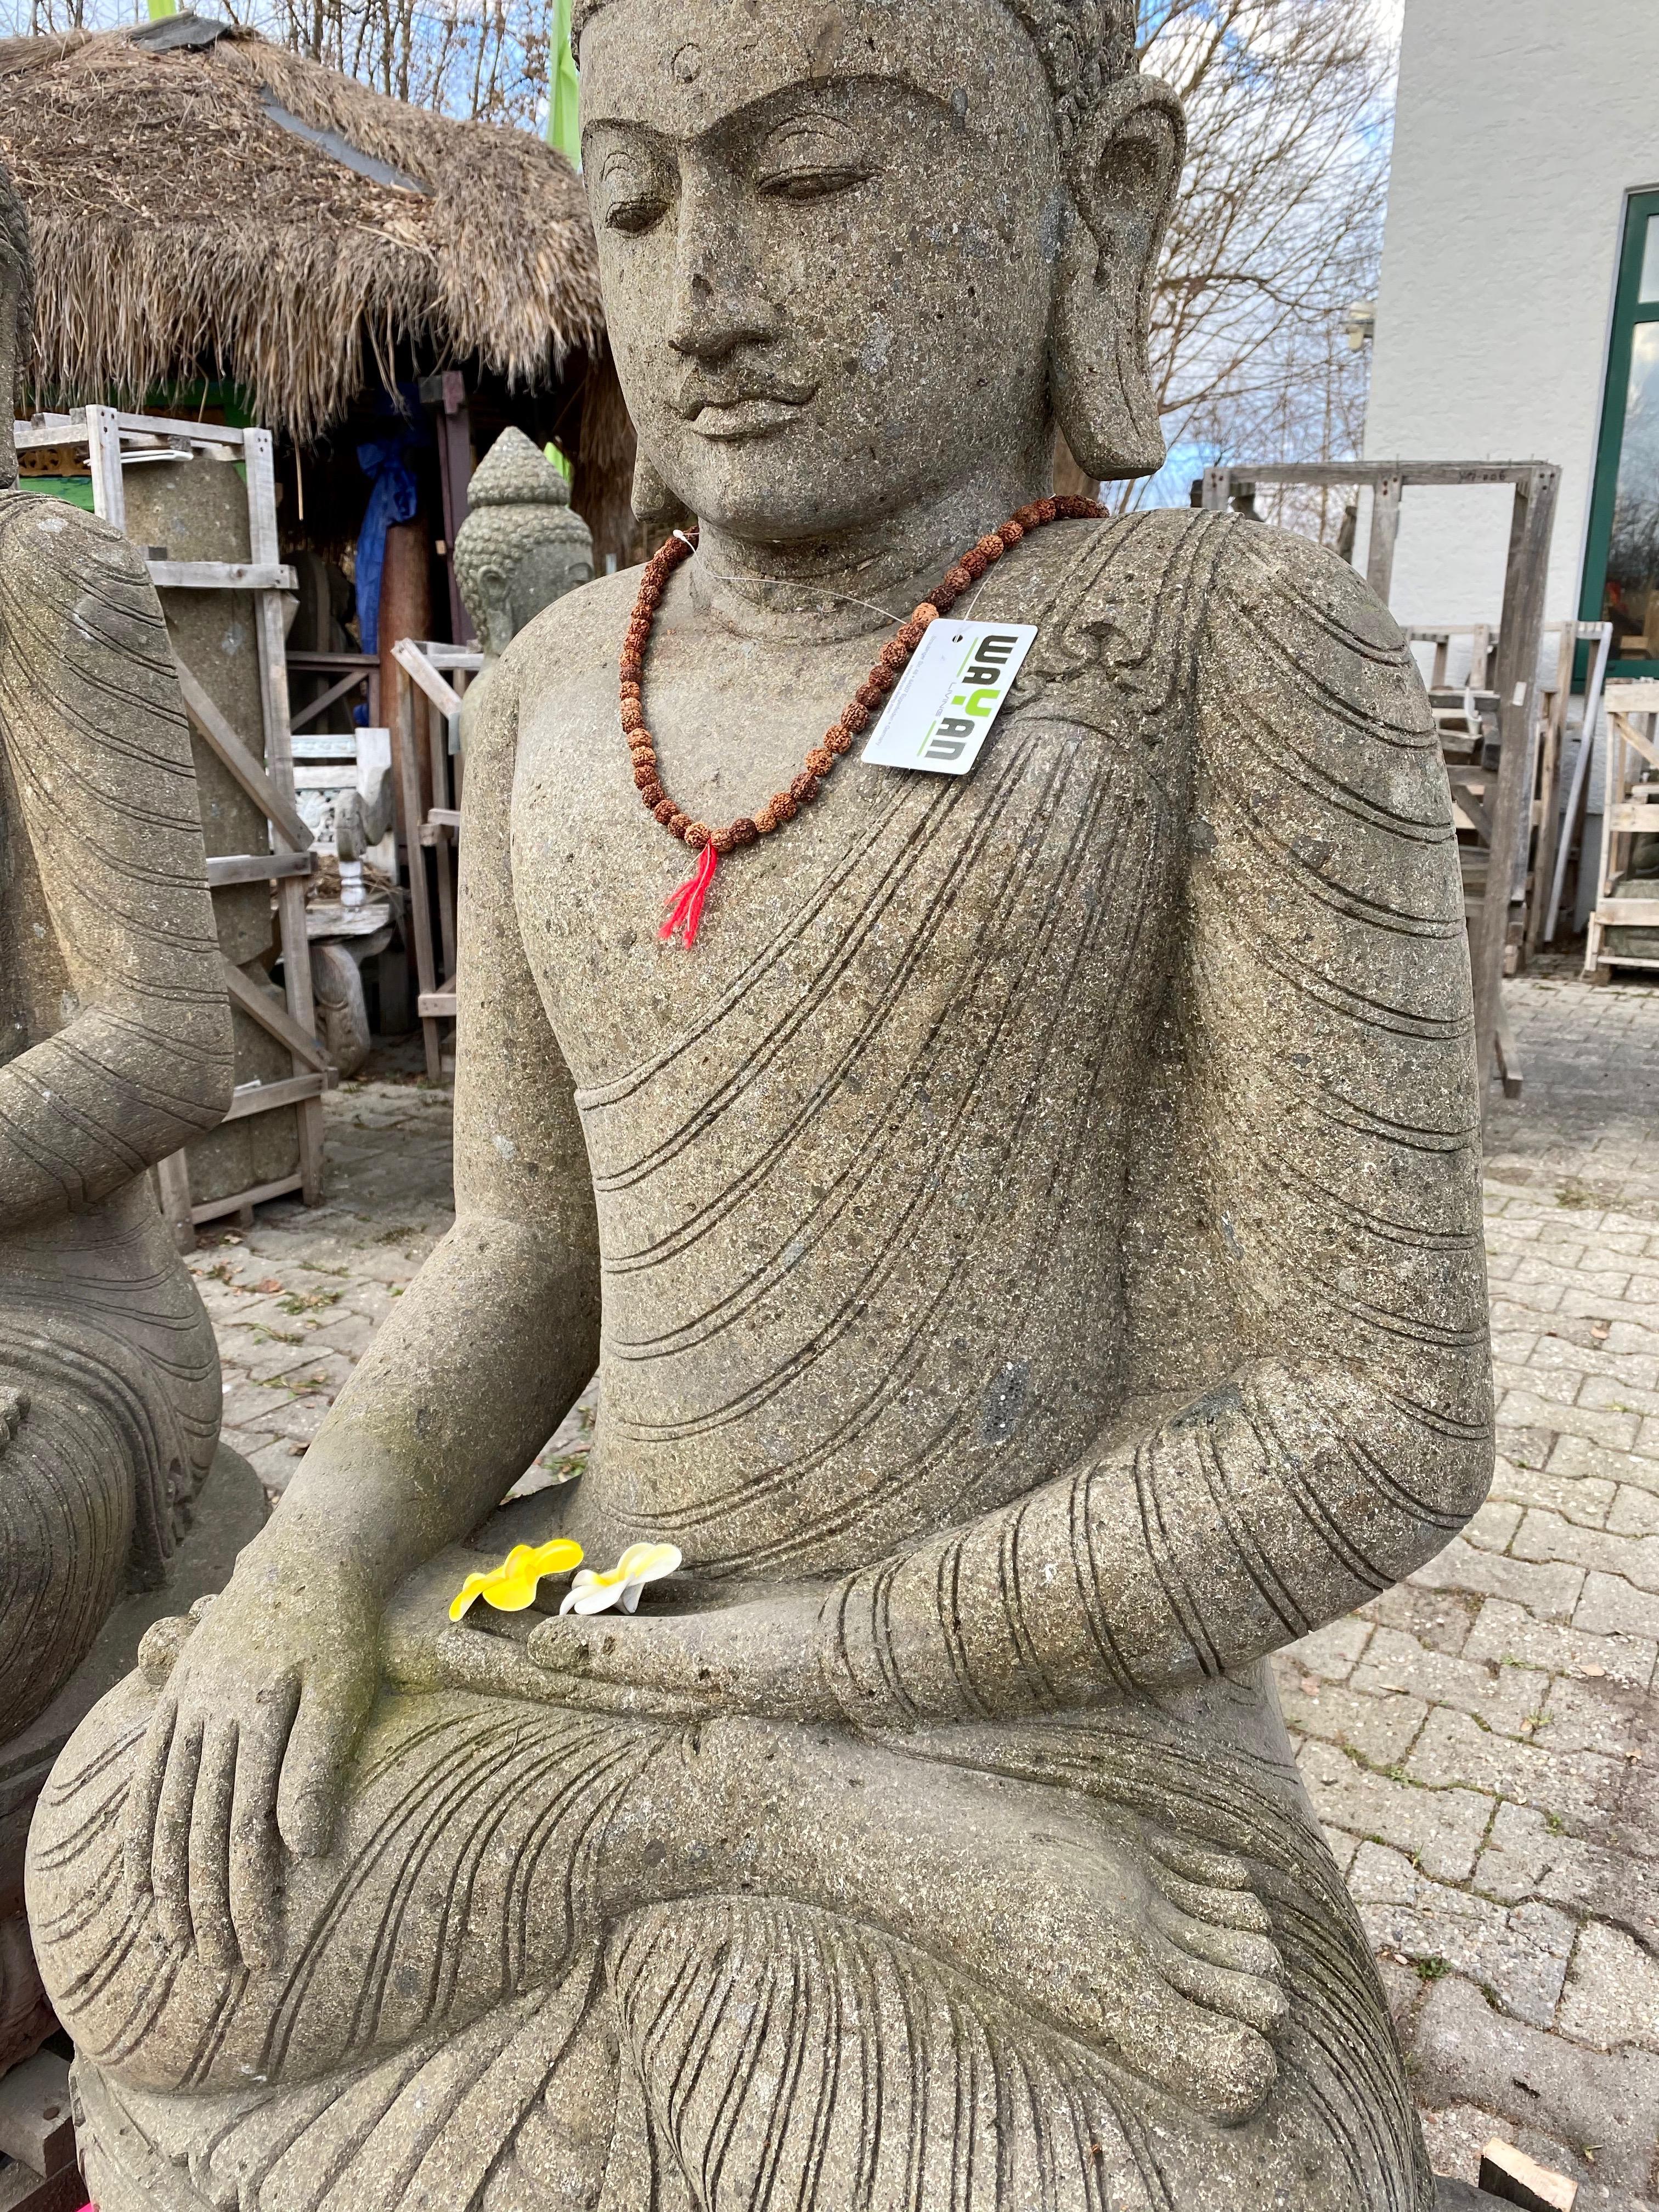 großer Buddha im Lotussitz Gartenfigur 150 cm